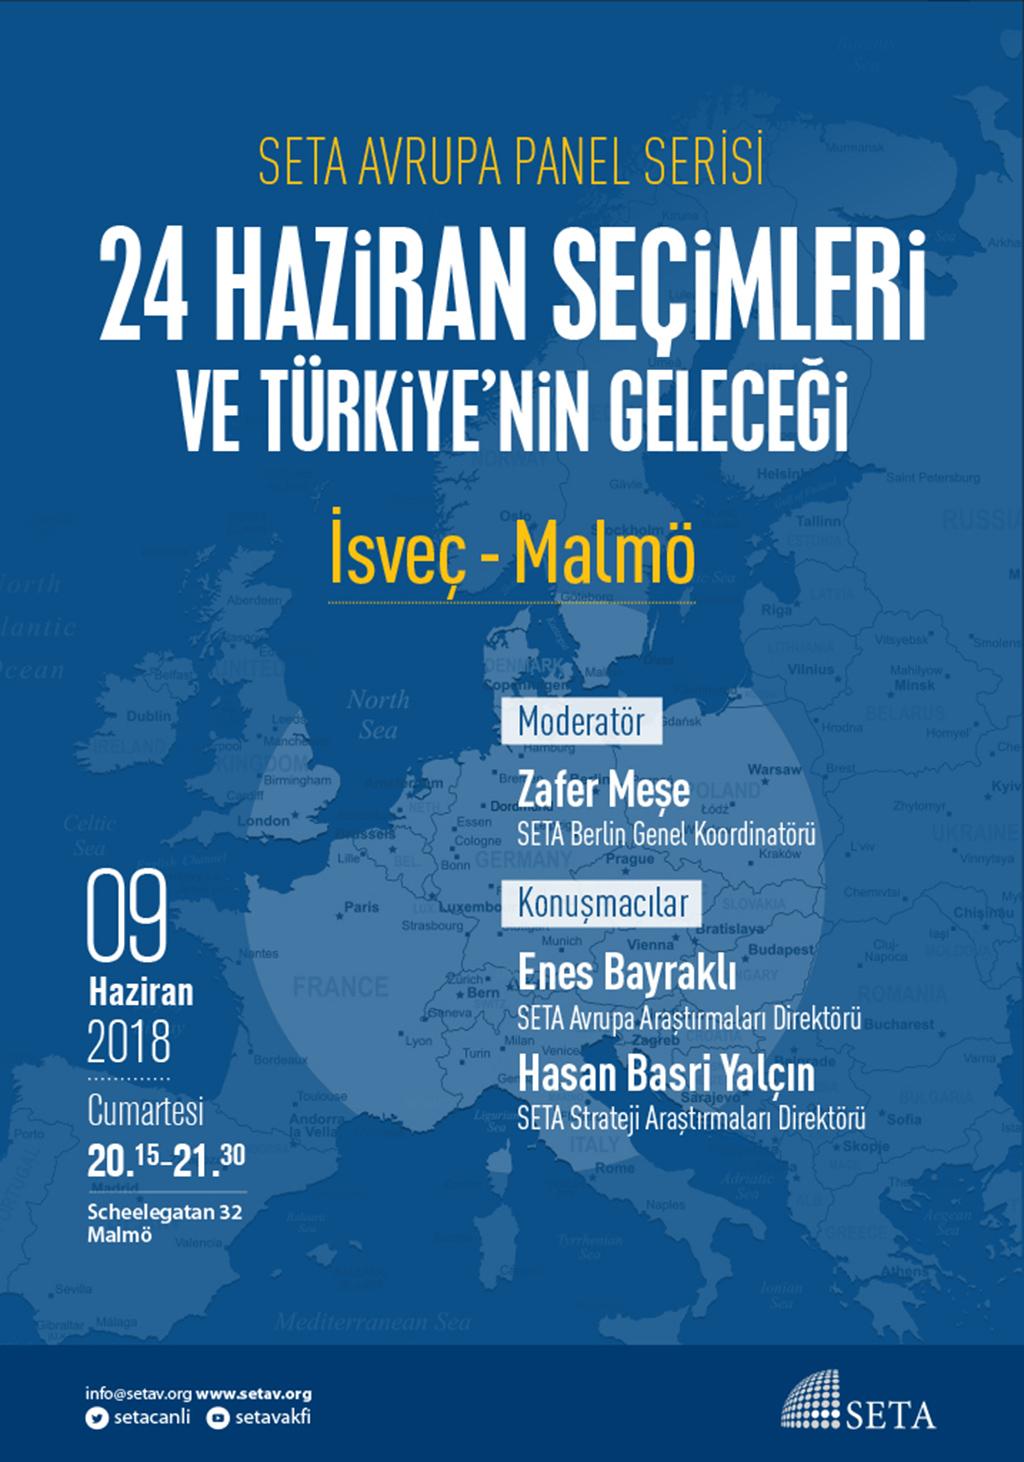 Panel: Malmö | 24 Haziran Seçimleri ve Türkiye'nin Geleceği